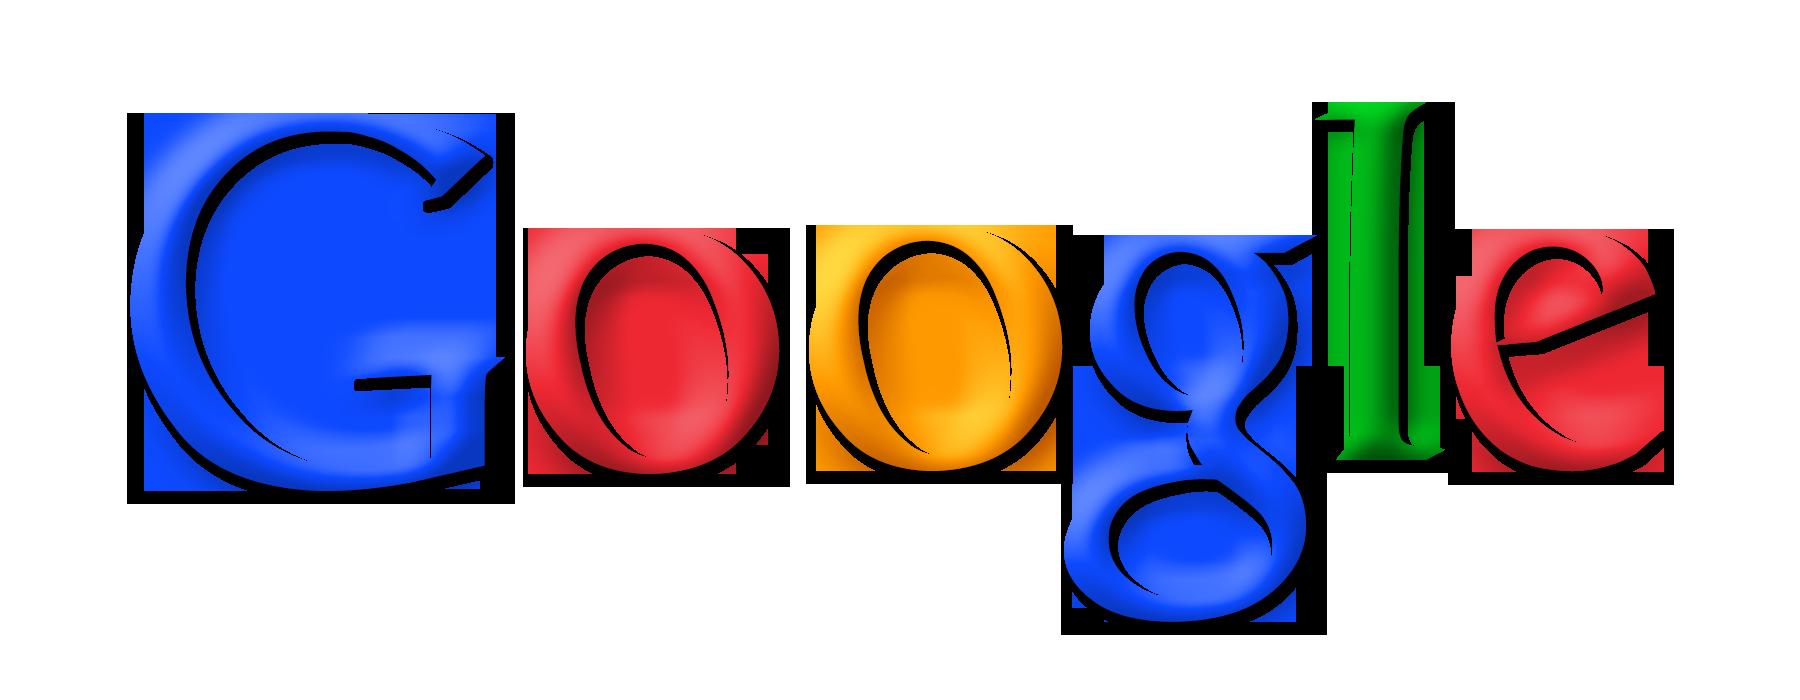 """2019 m. """"Google"""" paieškos tendencijos Lietuvoje: rinkimai, tymai ir """"Černobylis"""""""